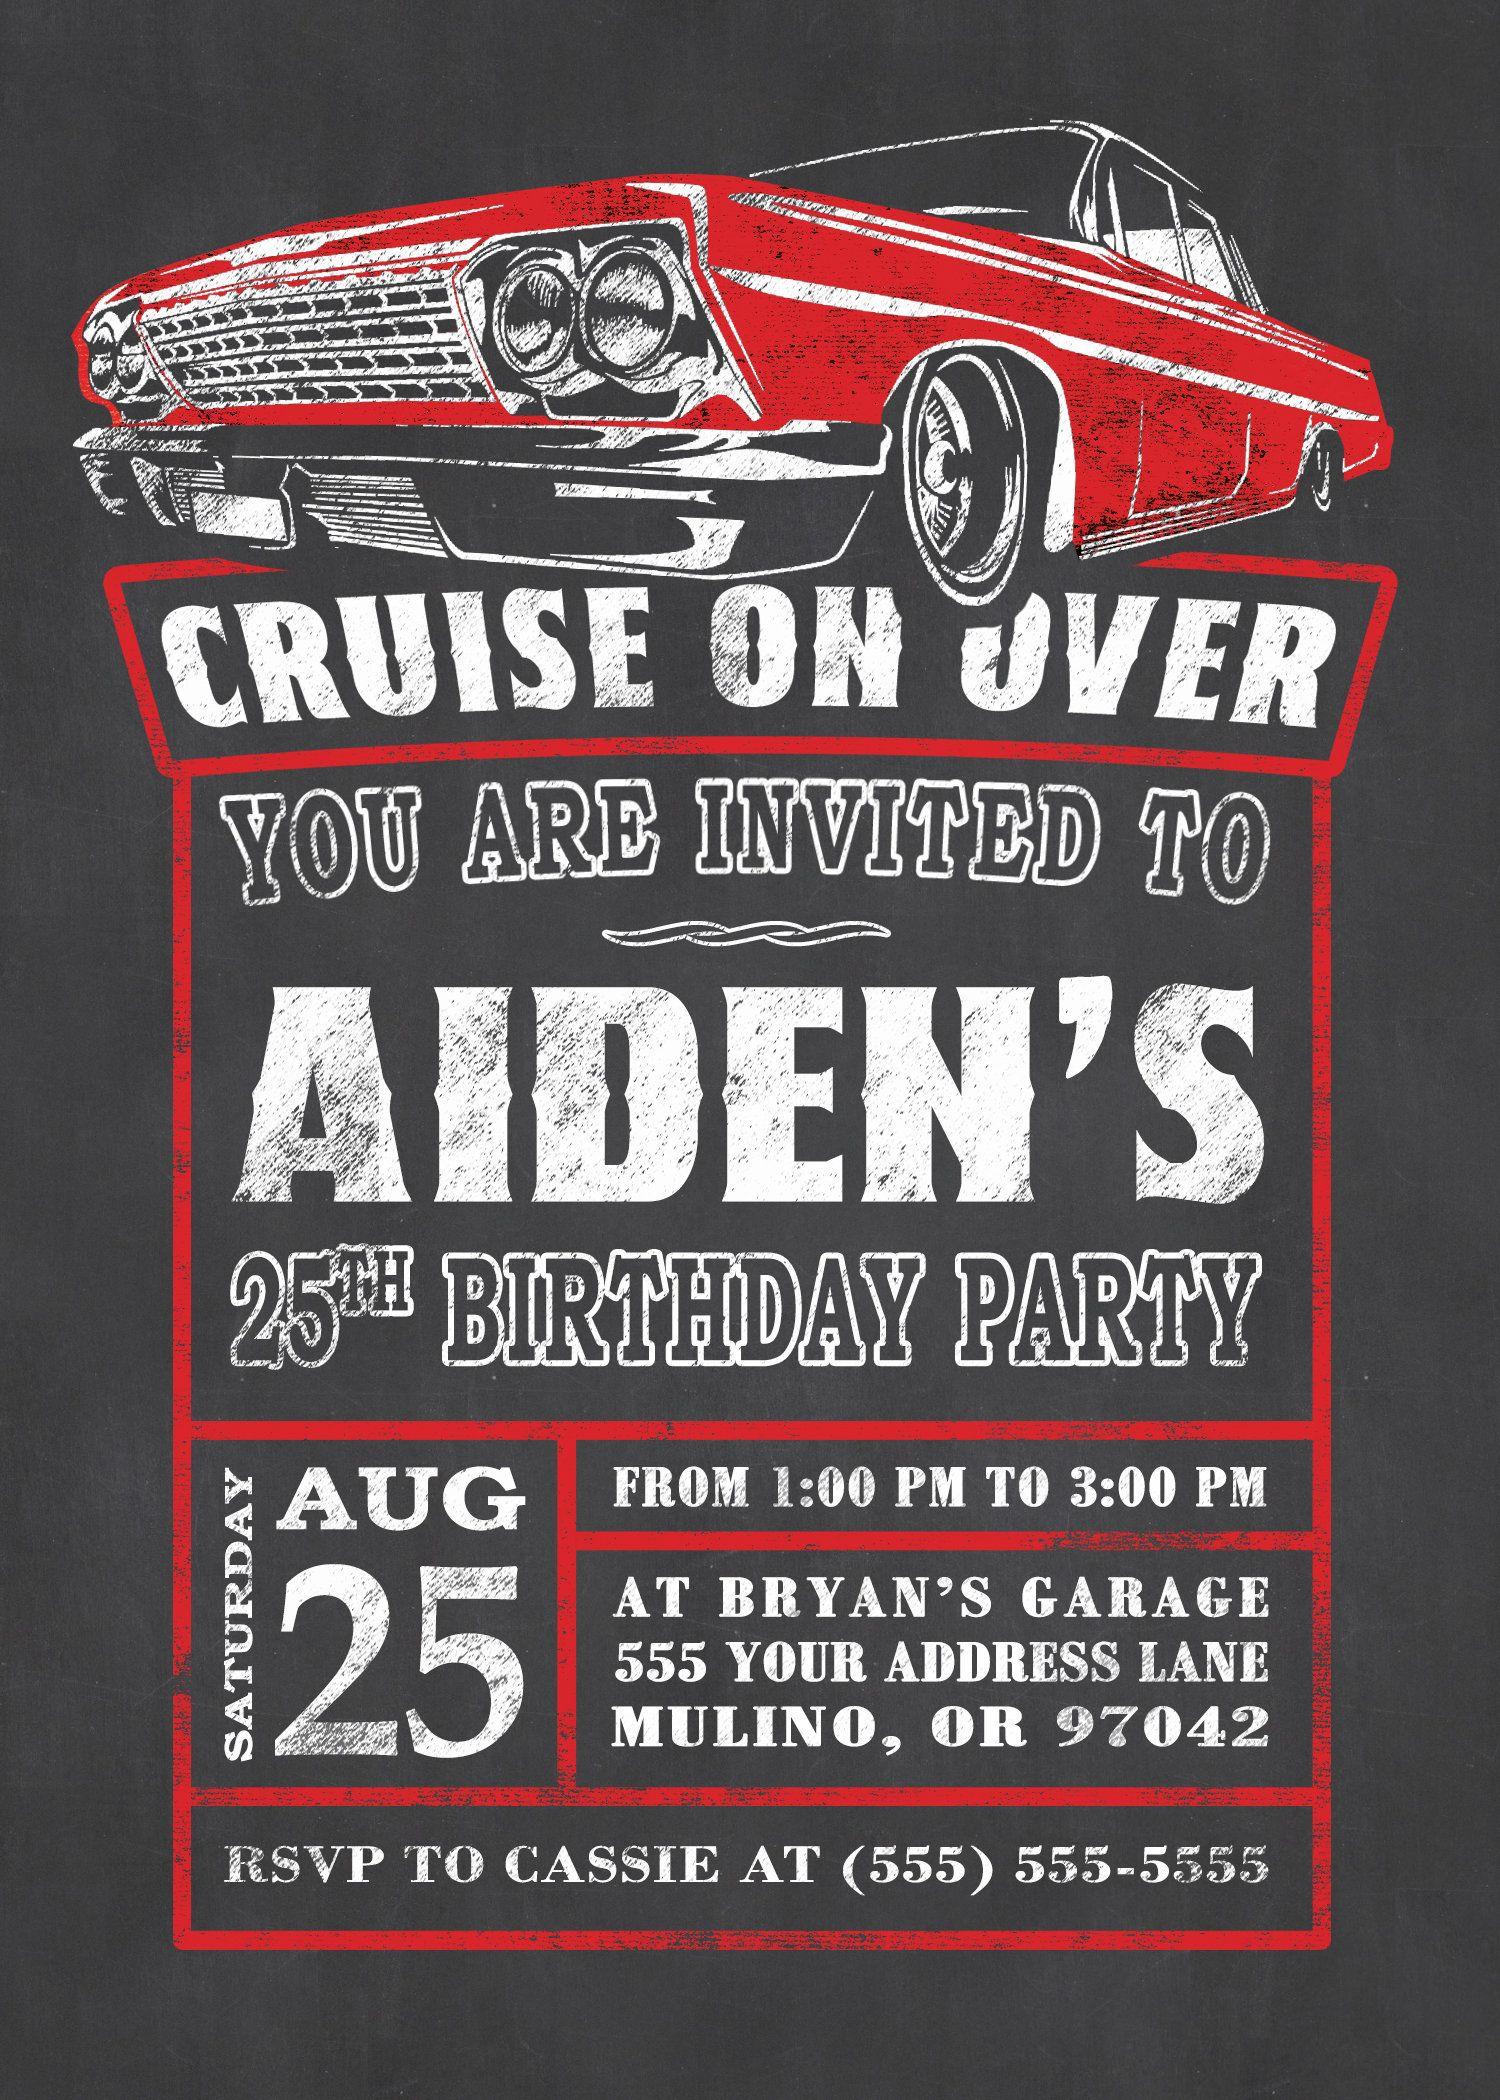 Impala Birthday Invitation, 1963 Impala, Classic Car invite, Low Rider, Chalkboard Style, Hot Rod Party, Impala, Chevy Impala